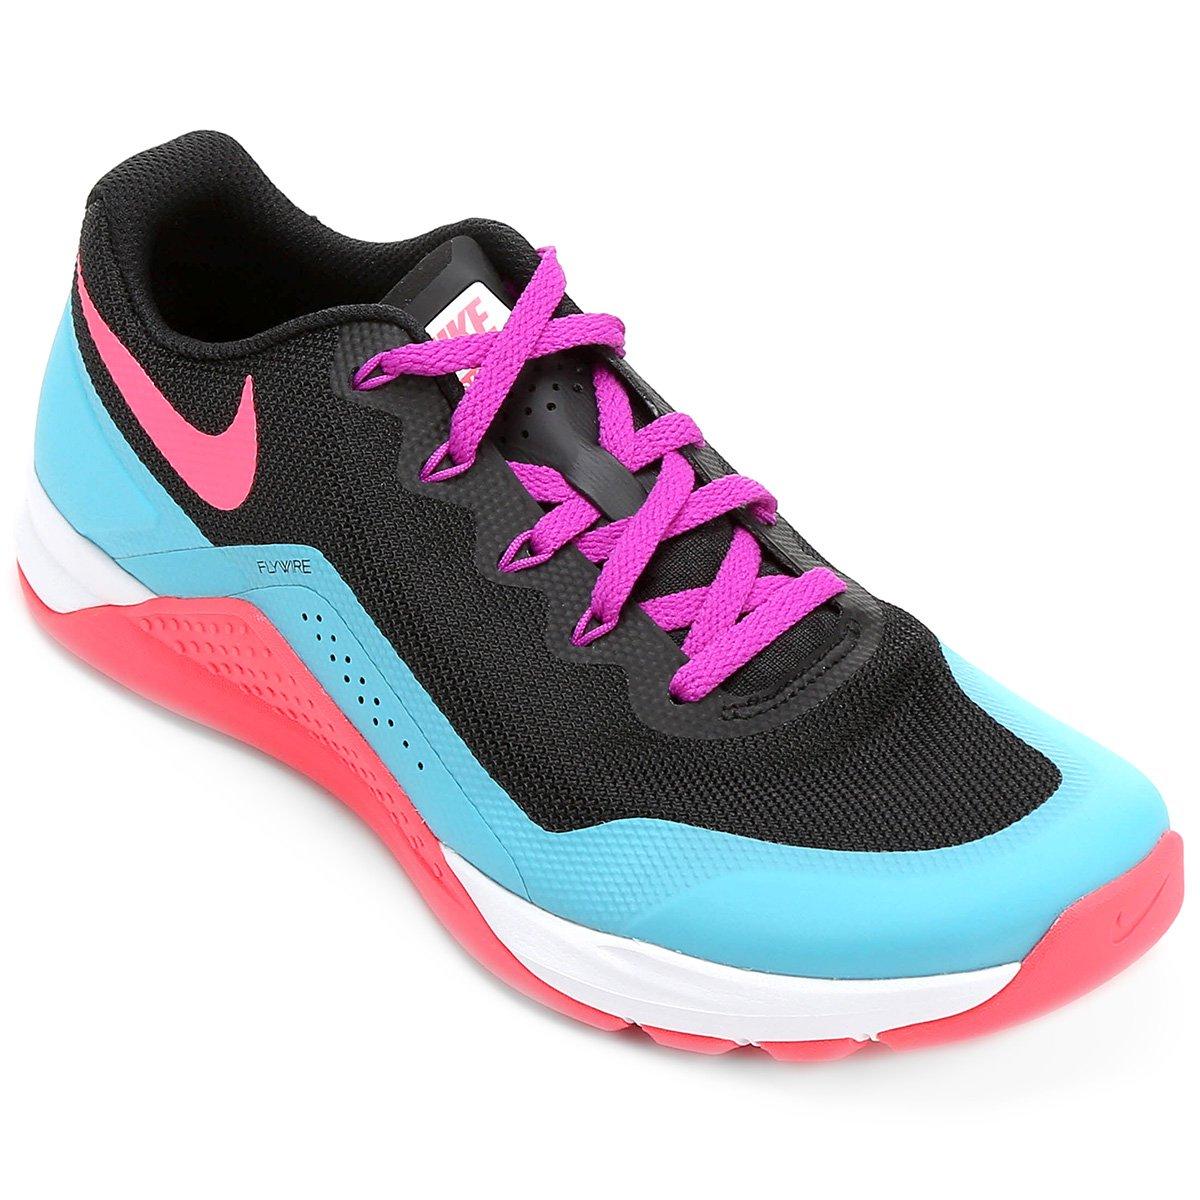 Tênis Nike Metcon Repper DSX Feminino - Compre Agora  e8515018c59d4